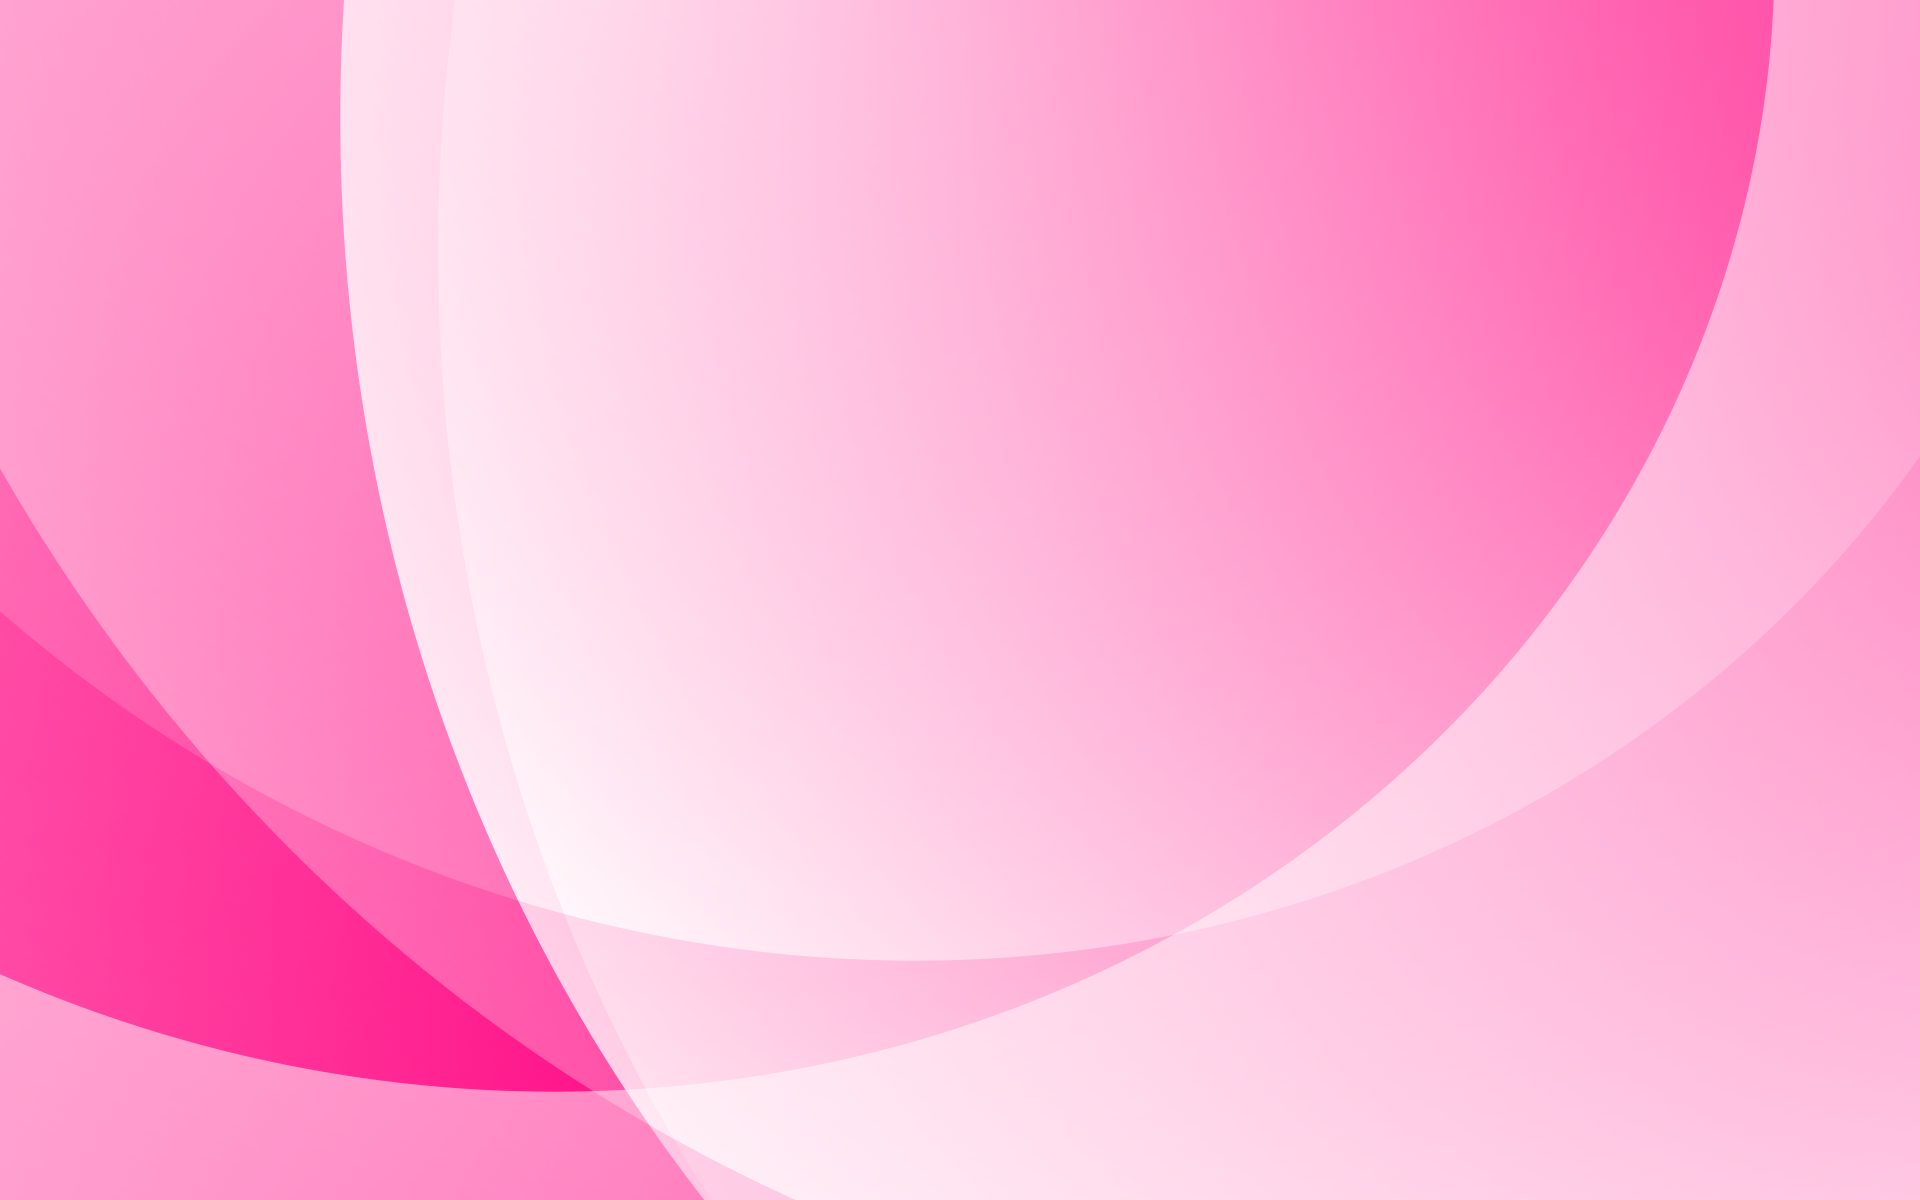 light pink abstract wallpaper Развлечения, Радуга